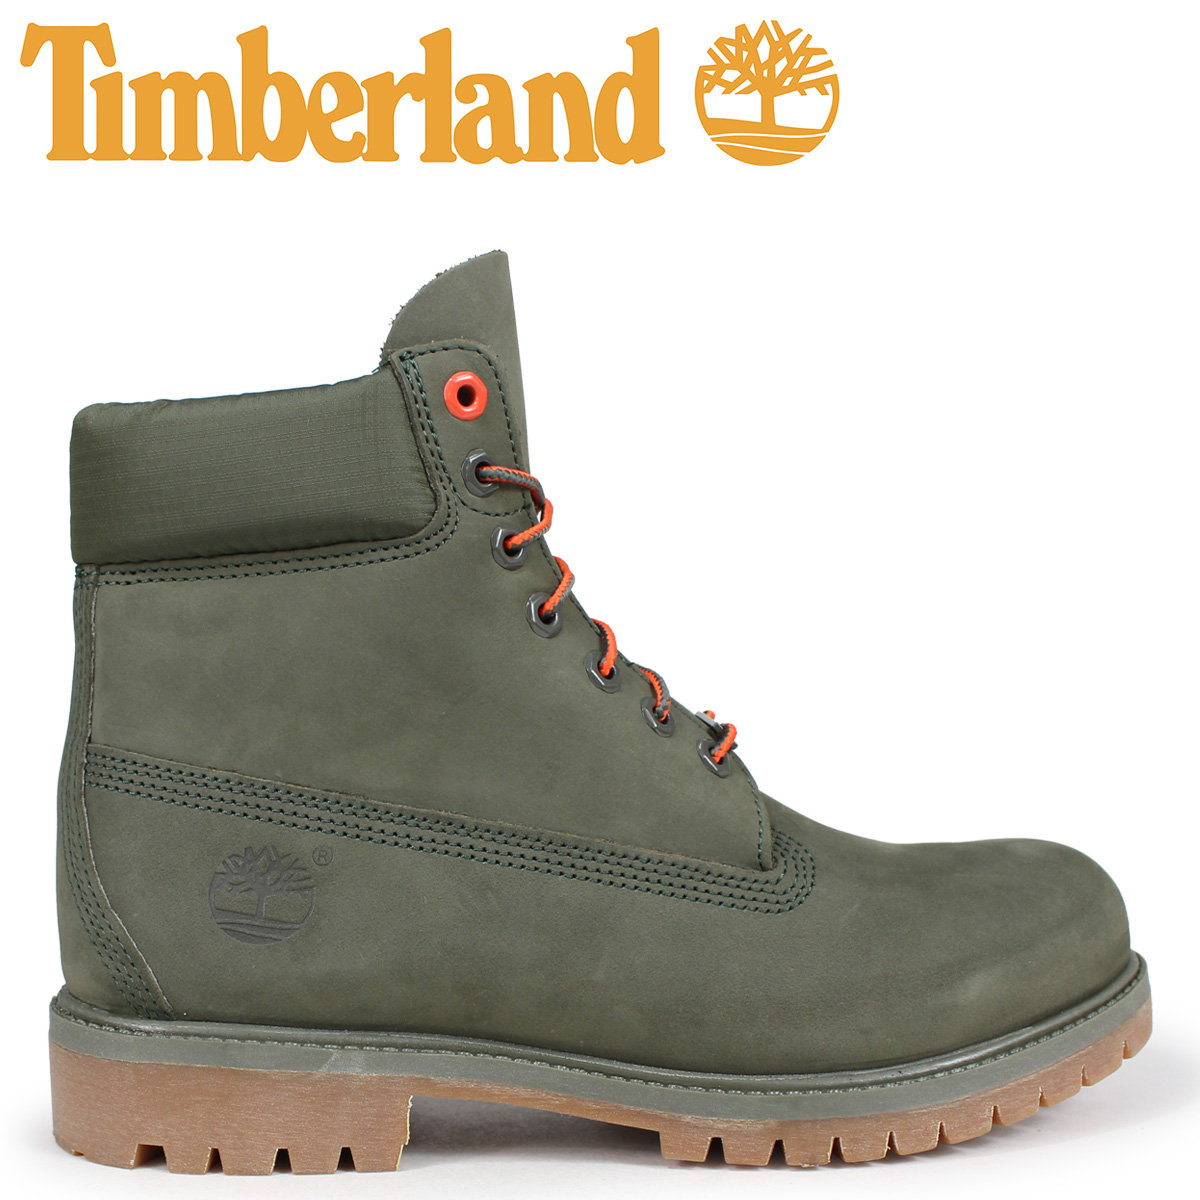 Timberland ブーツ メンズ 6インチ ティンバーランド 6-INCH PREMIUM BOOTS A1QY1 Wワイズ グリーン [10/11 新入荷]